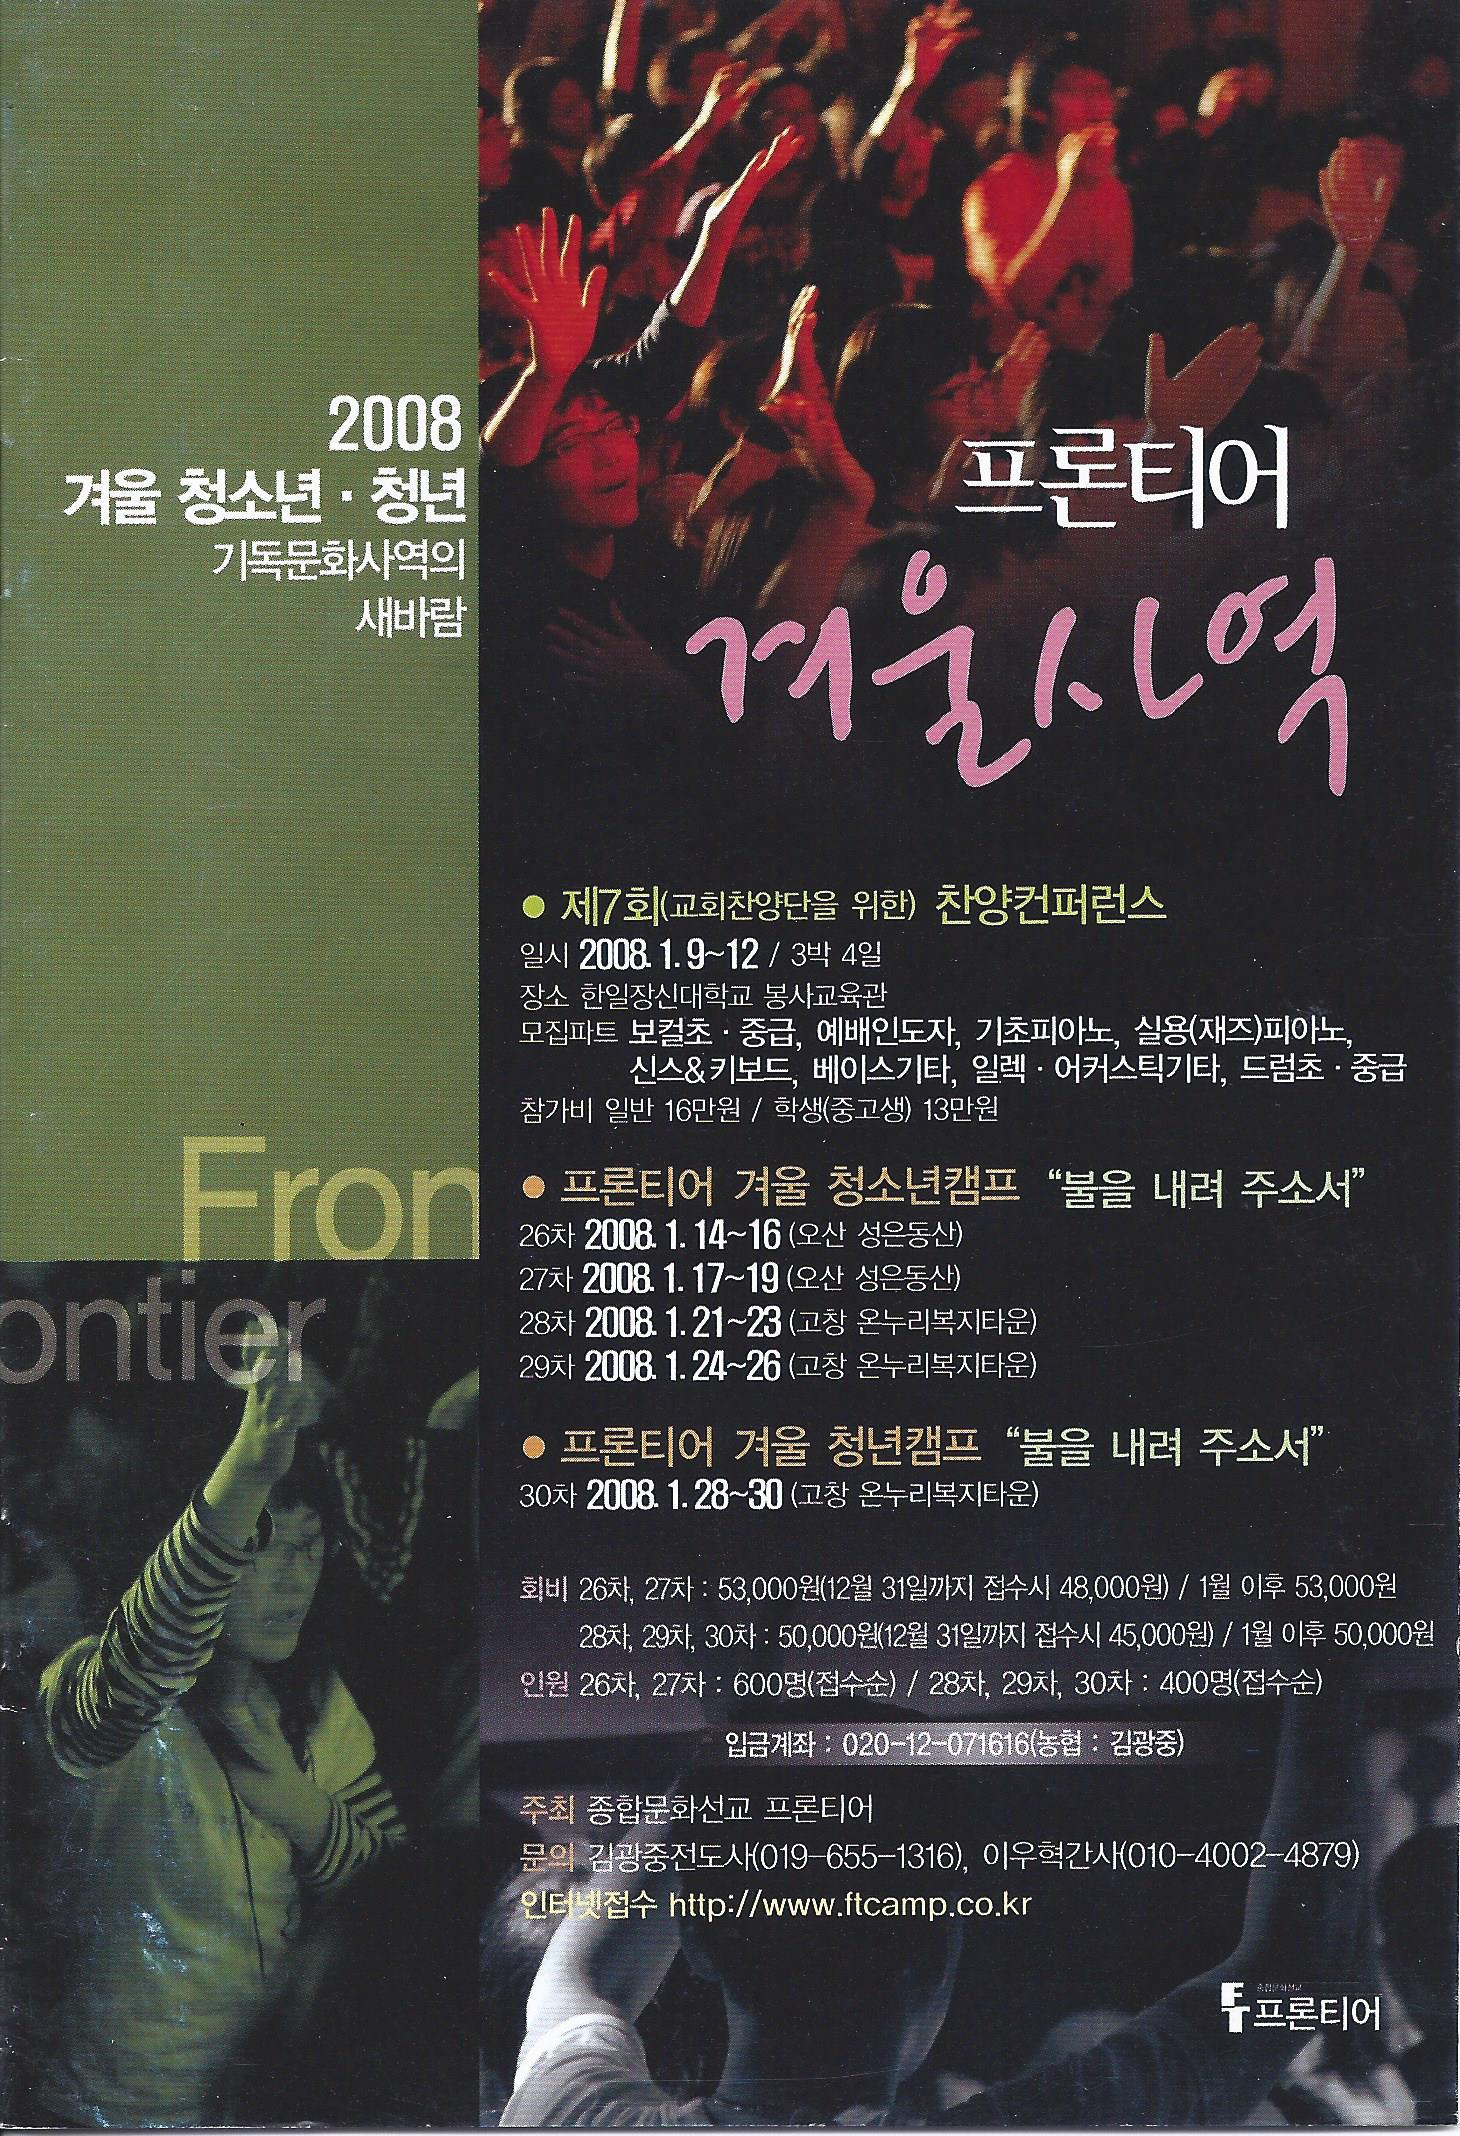 2008 겨울 컨퍼런스, 겨울캠프 불을 내려주소서.jpg